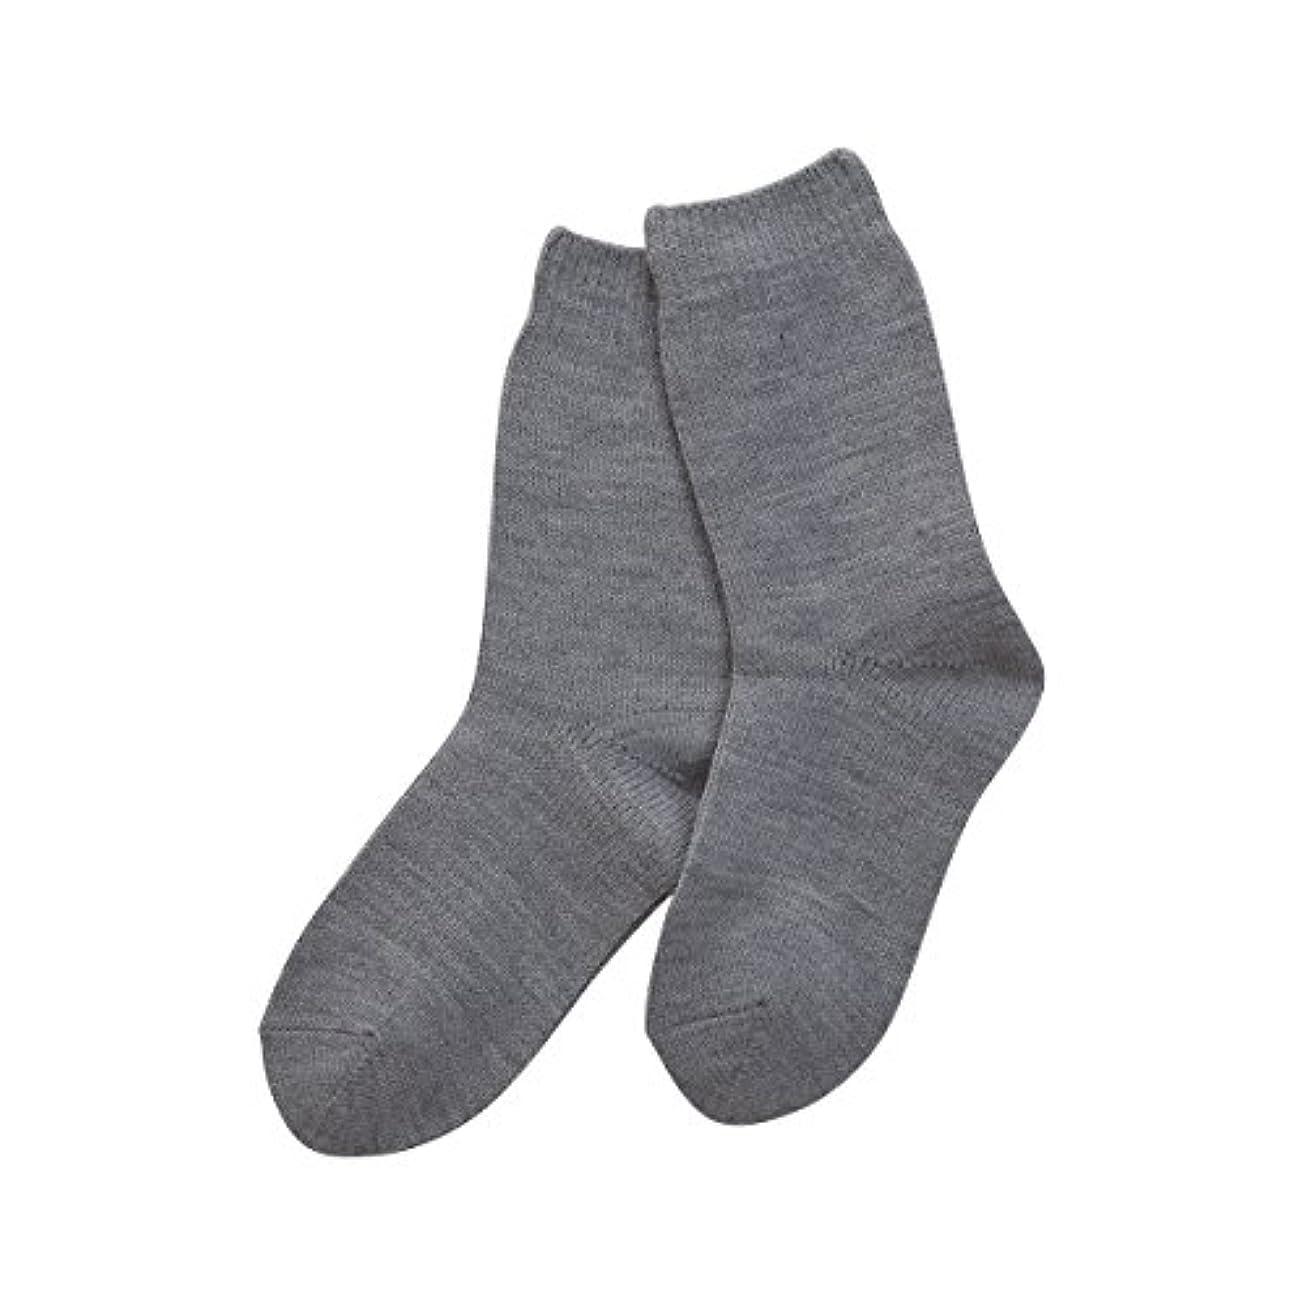 ファンシー嵐が丘純粋に(コベス) KOBES ゴムなし 毛混 超ゆったり特大サイズ 靴下 日本製 紳士靴下